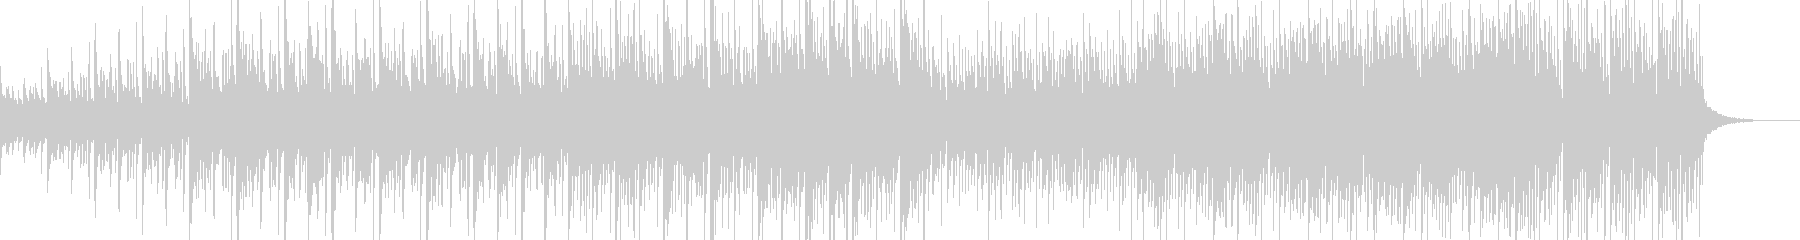 和風ほんわかBGMの未再生の波形